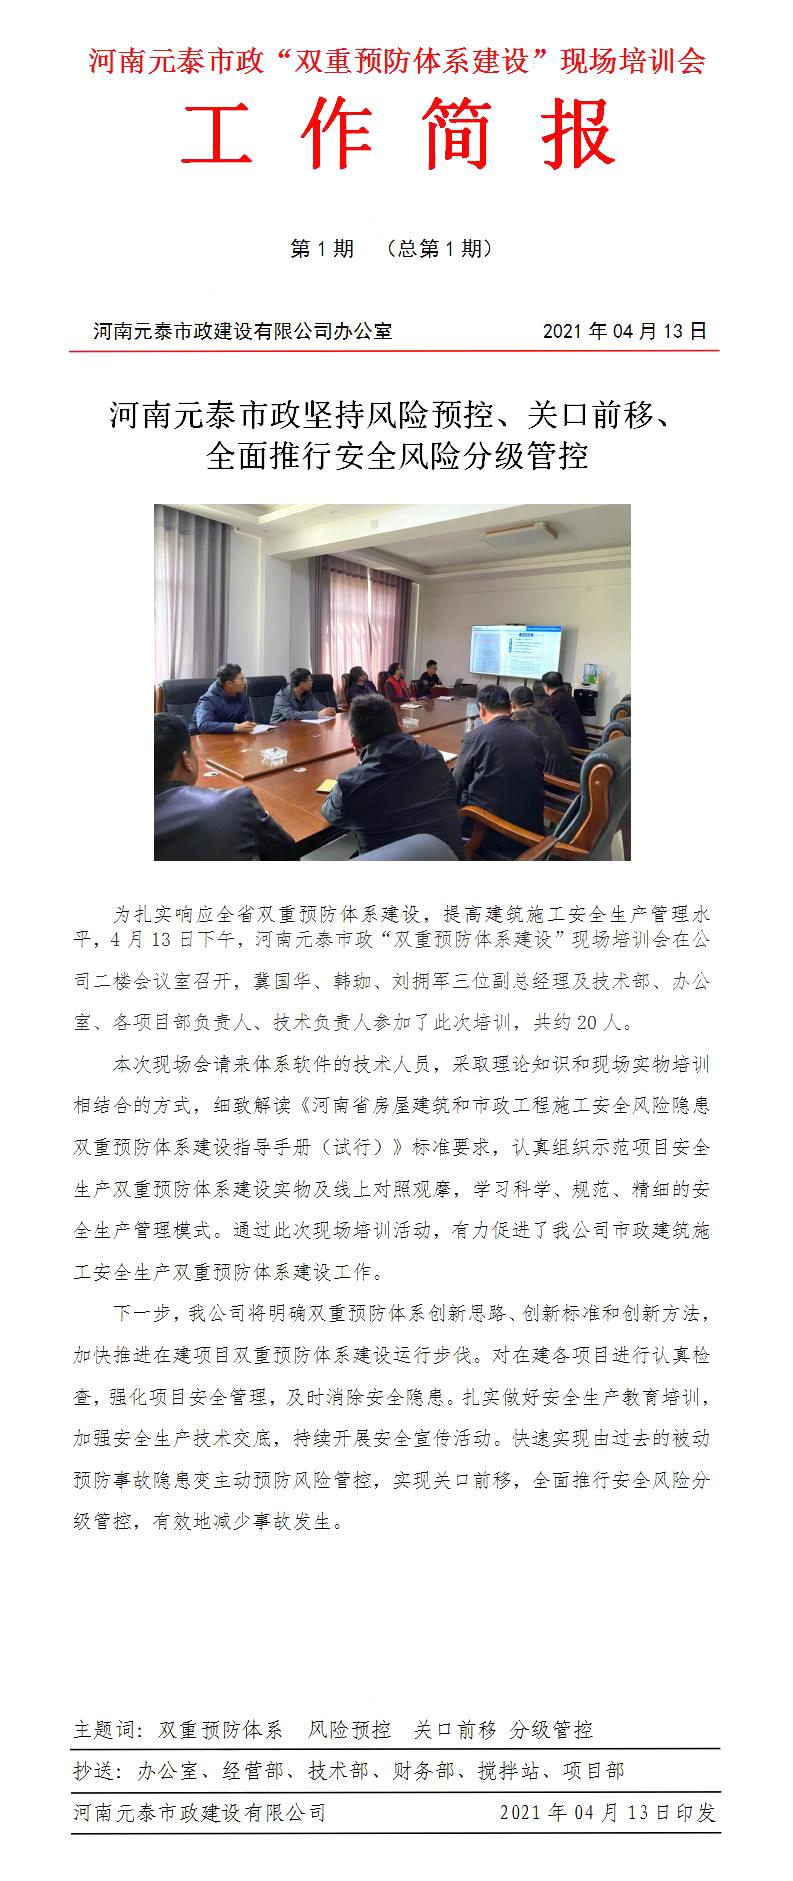 """河南元泰市政""""雙重預防體系建設""""現場培訓會 工作簡報"""